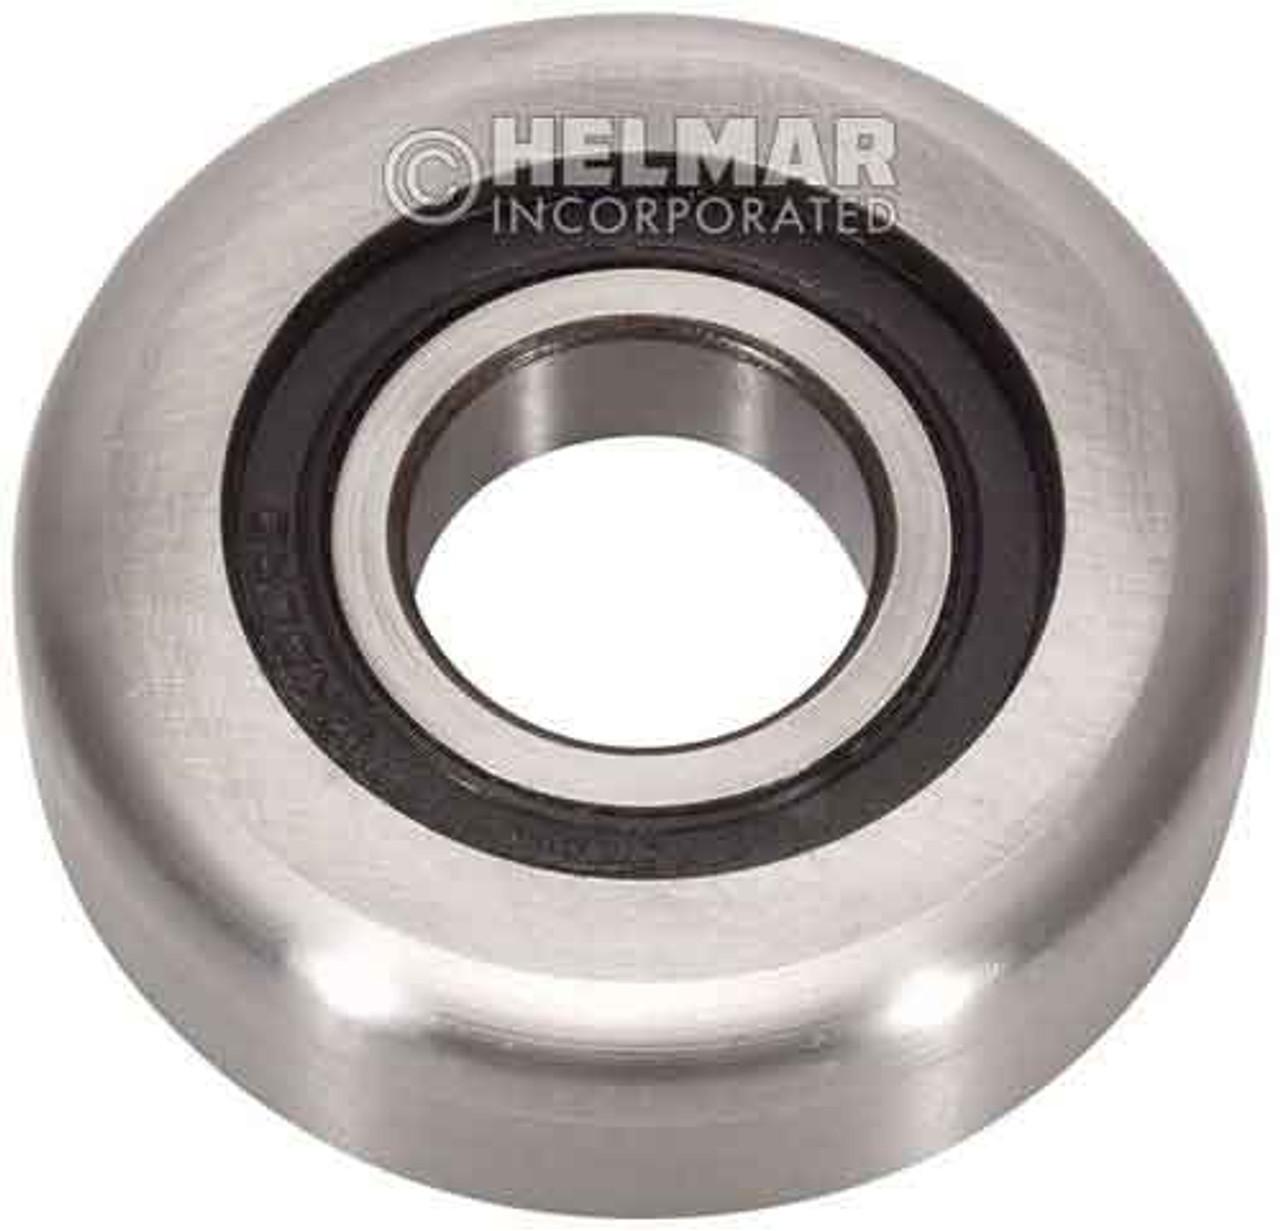 2383572 Clark Mast Roller Bearing 25.00mm Wide, 94.44mm Outer Diameter, 34.82mm Inner Diameter